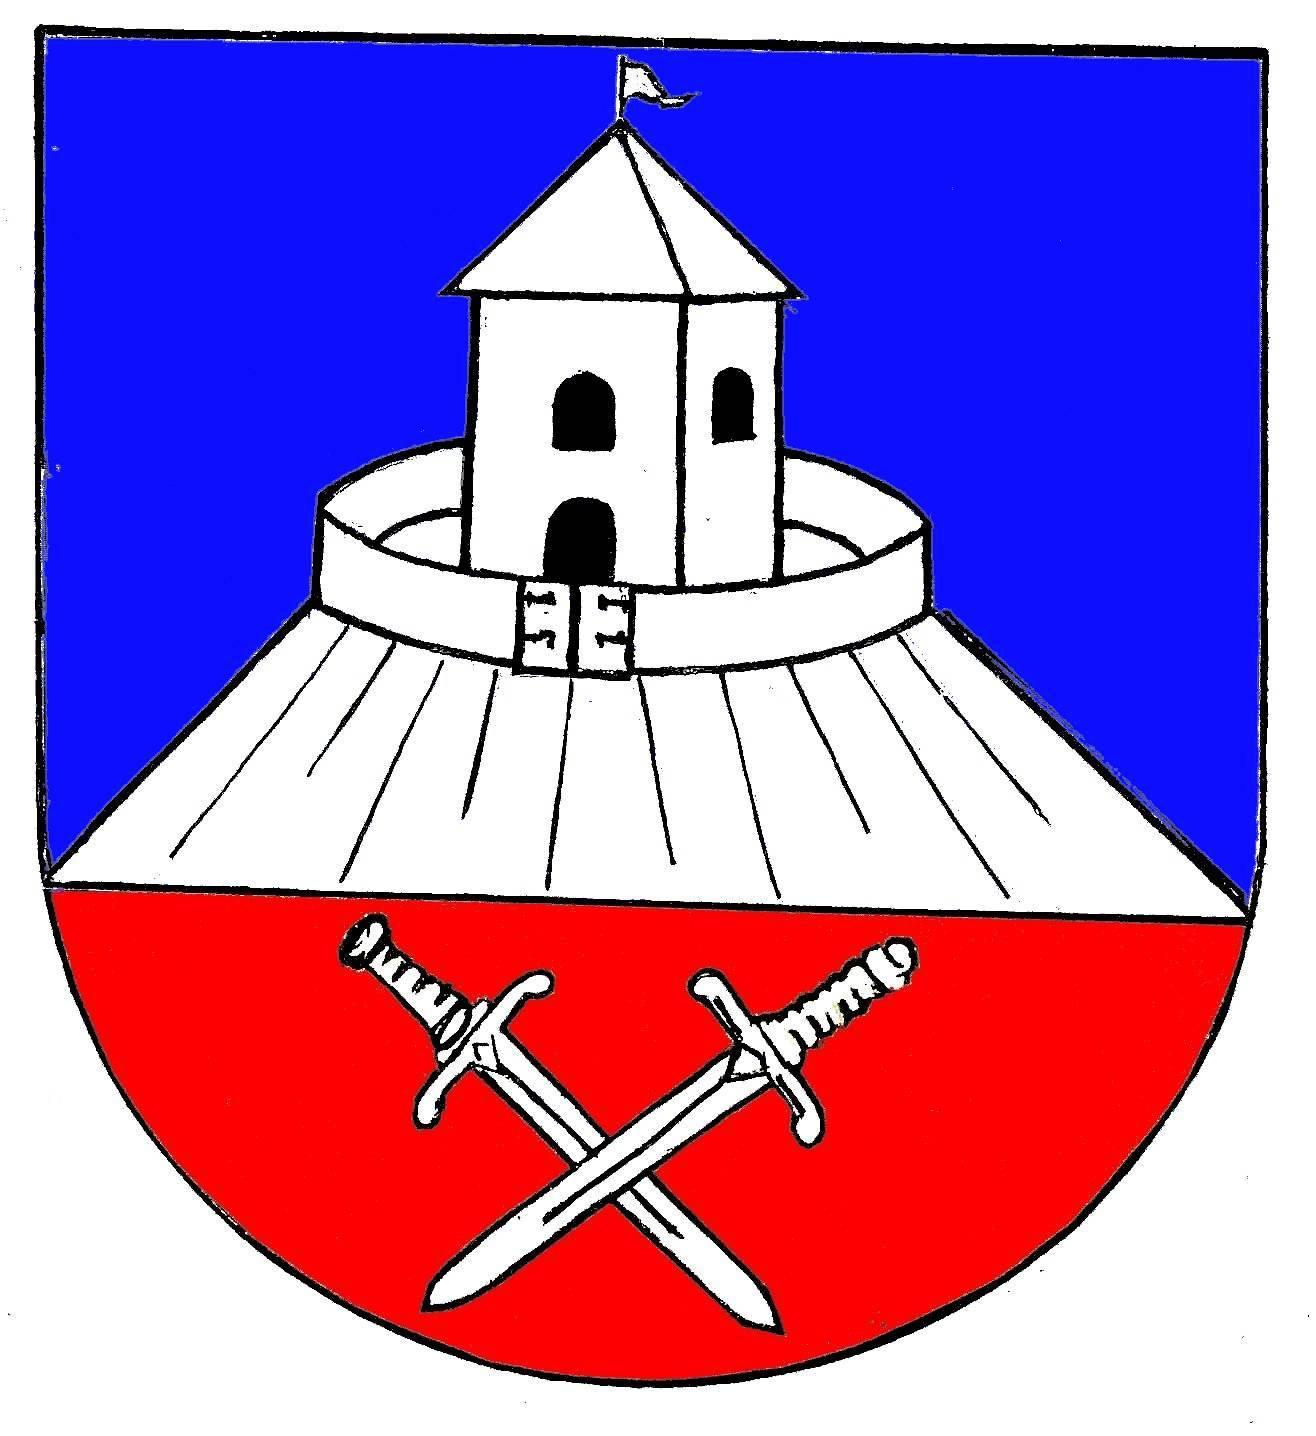 Wappen GemeindeBorstorf, Kreis Herzogtum Lauenburg